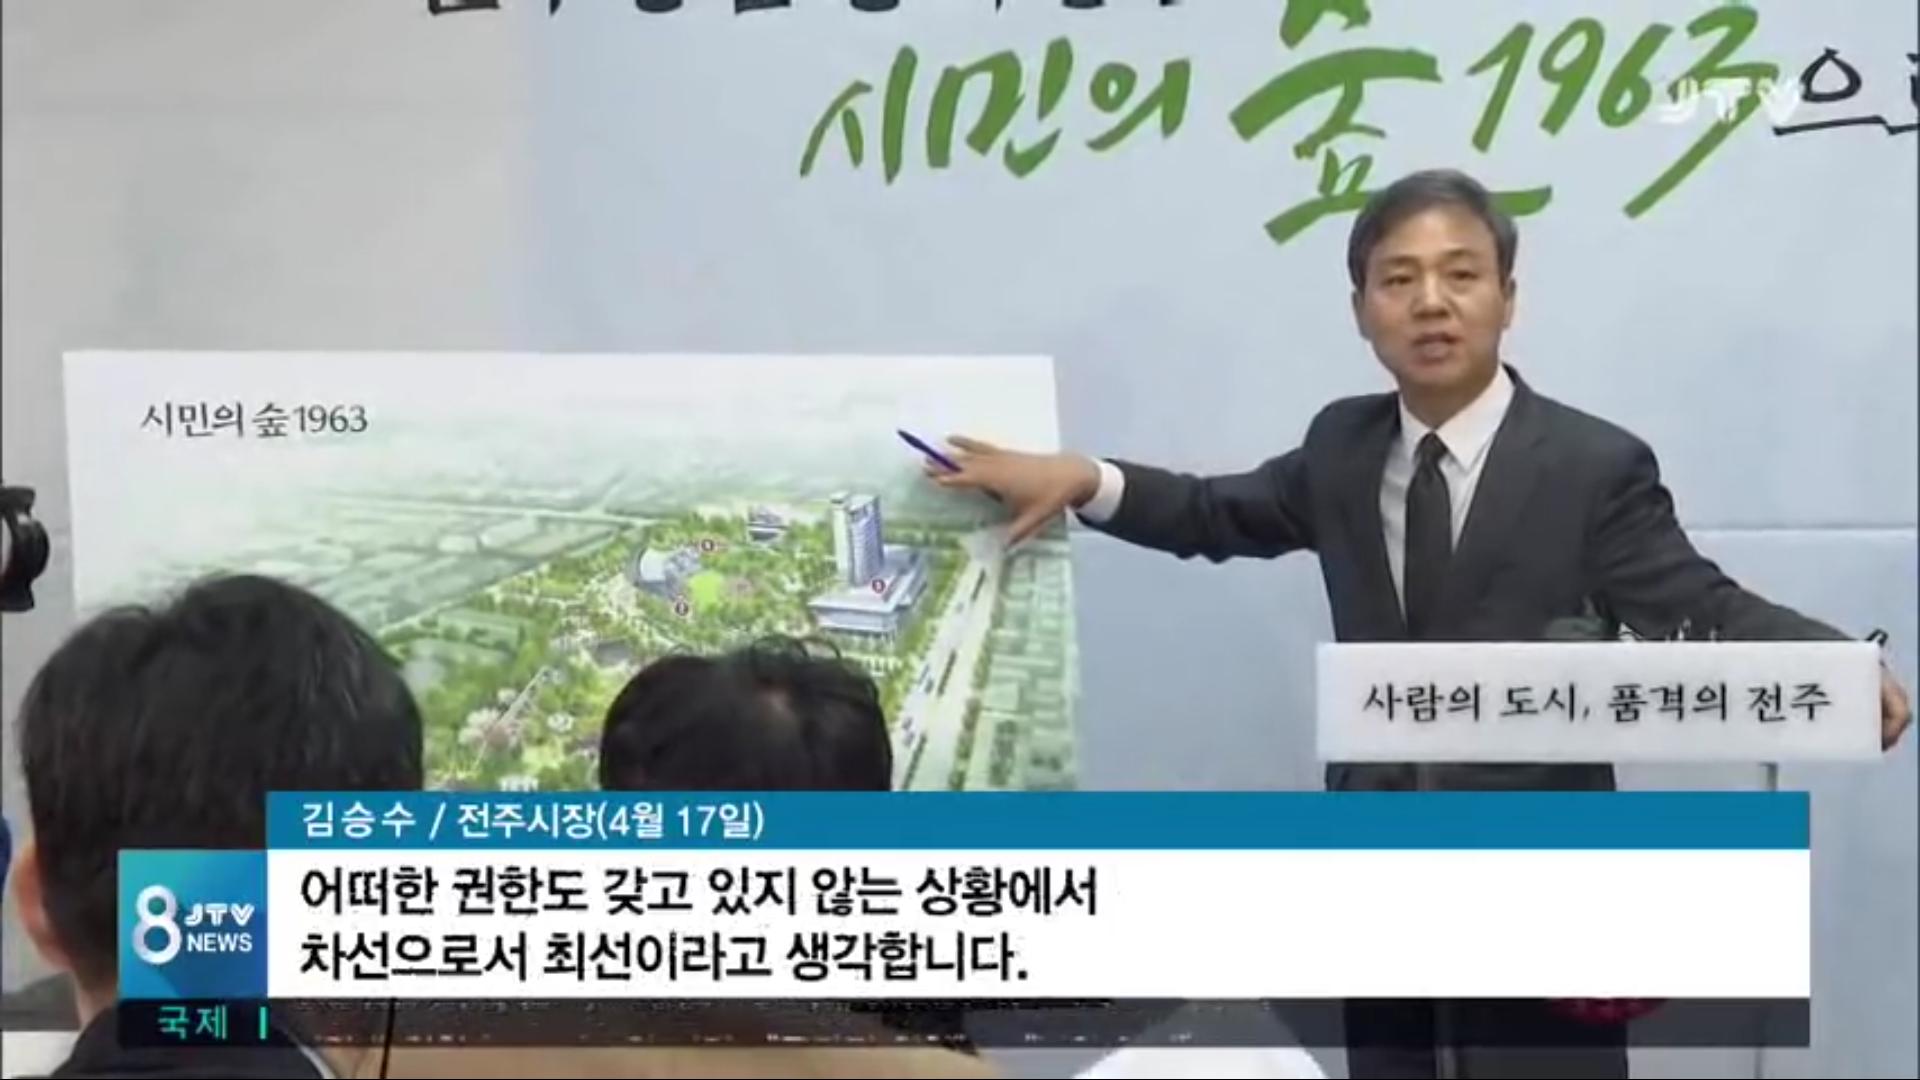 [19.5.15 JTV] 김승수 전주시장,  협약 해지 불가능 해명은 거짓으로 드러나 의혹 증폭3.png